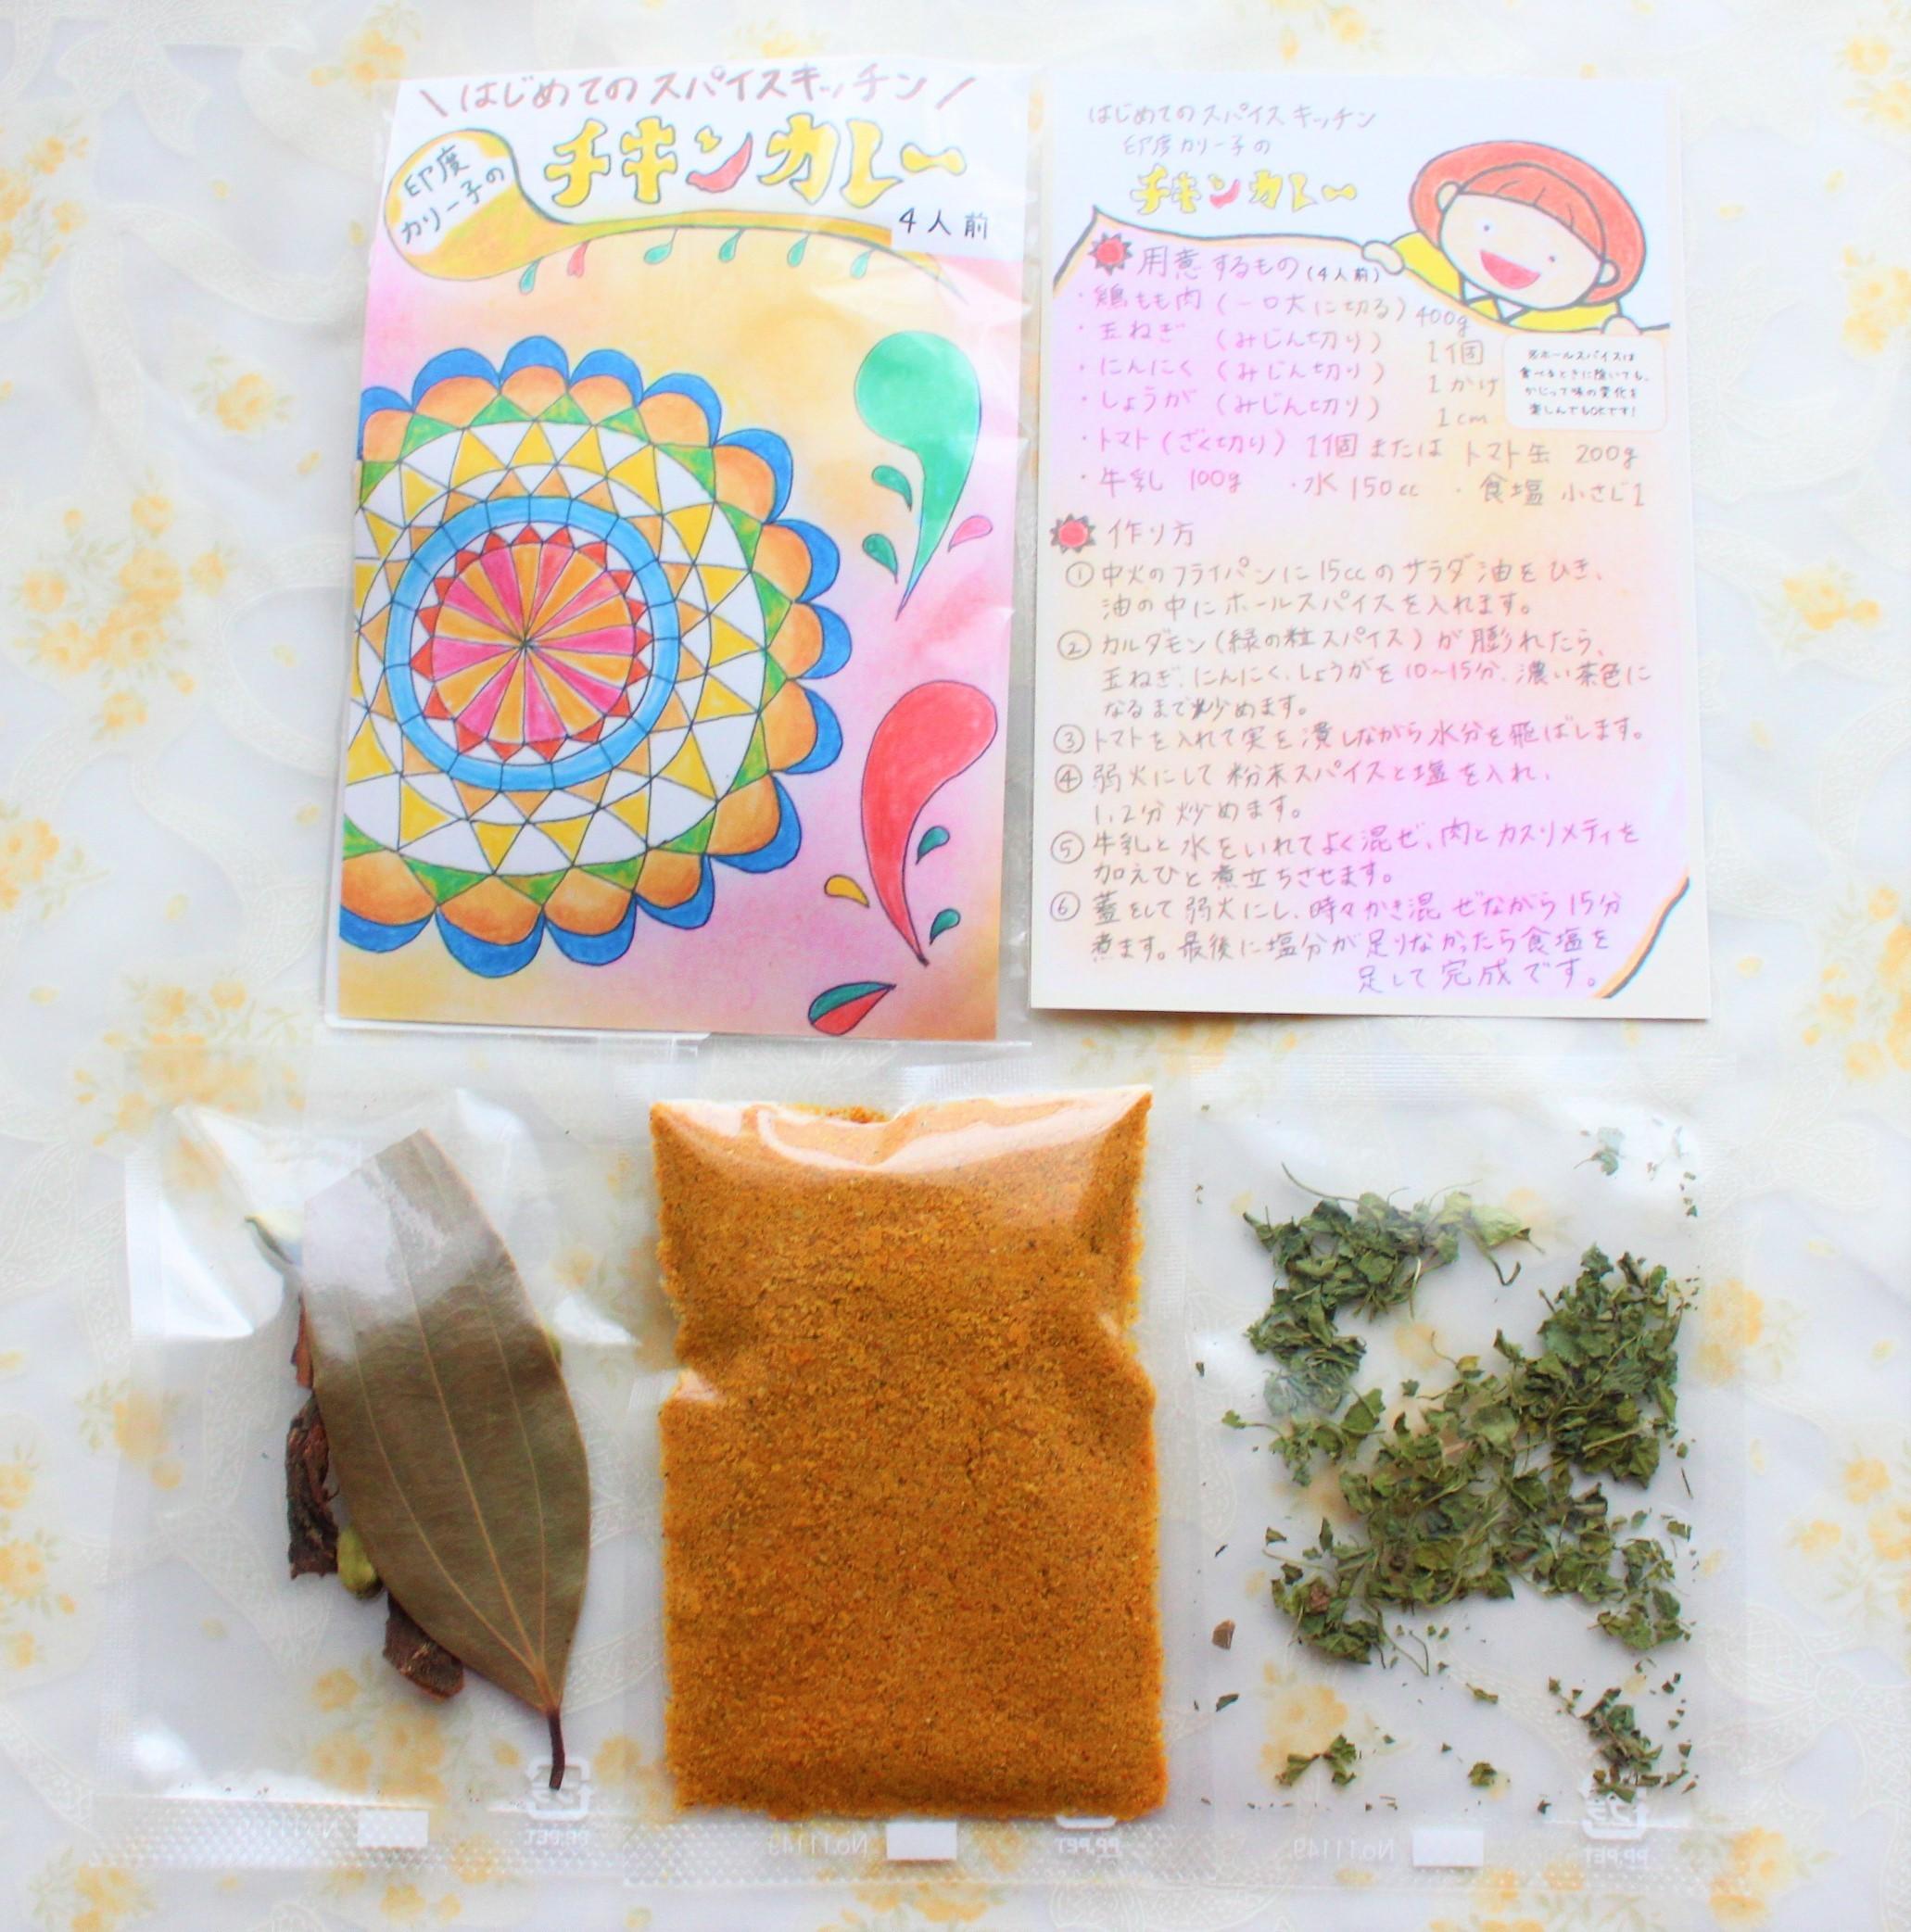 【チキンカレー】印度カリー子の ナッツ香る 9種のスパイスセッ ト 4人分